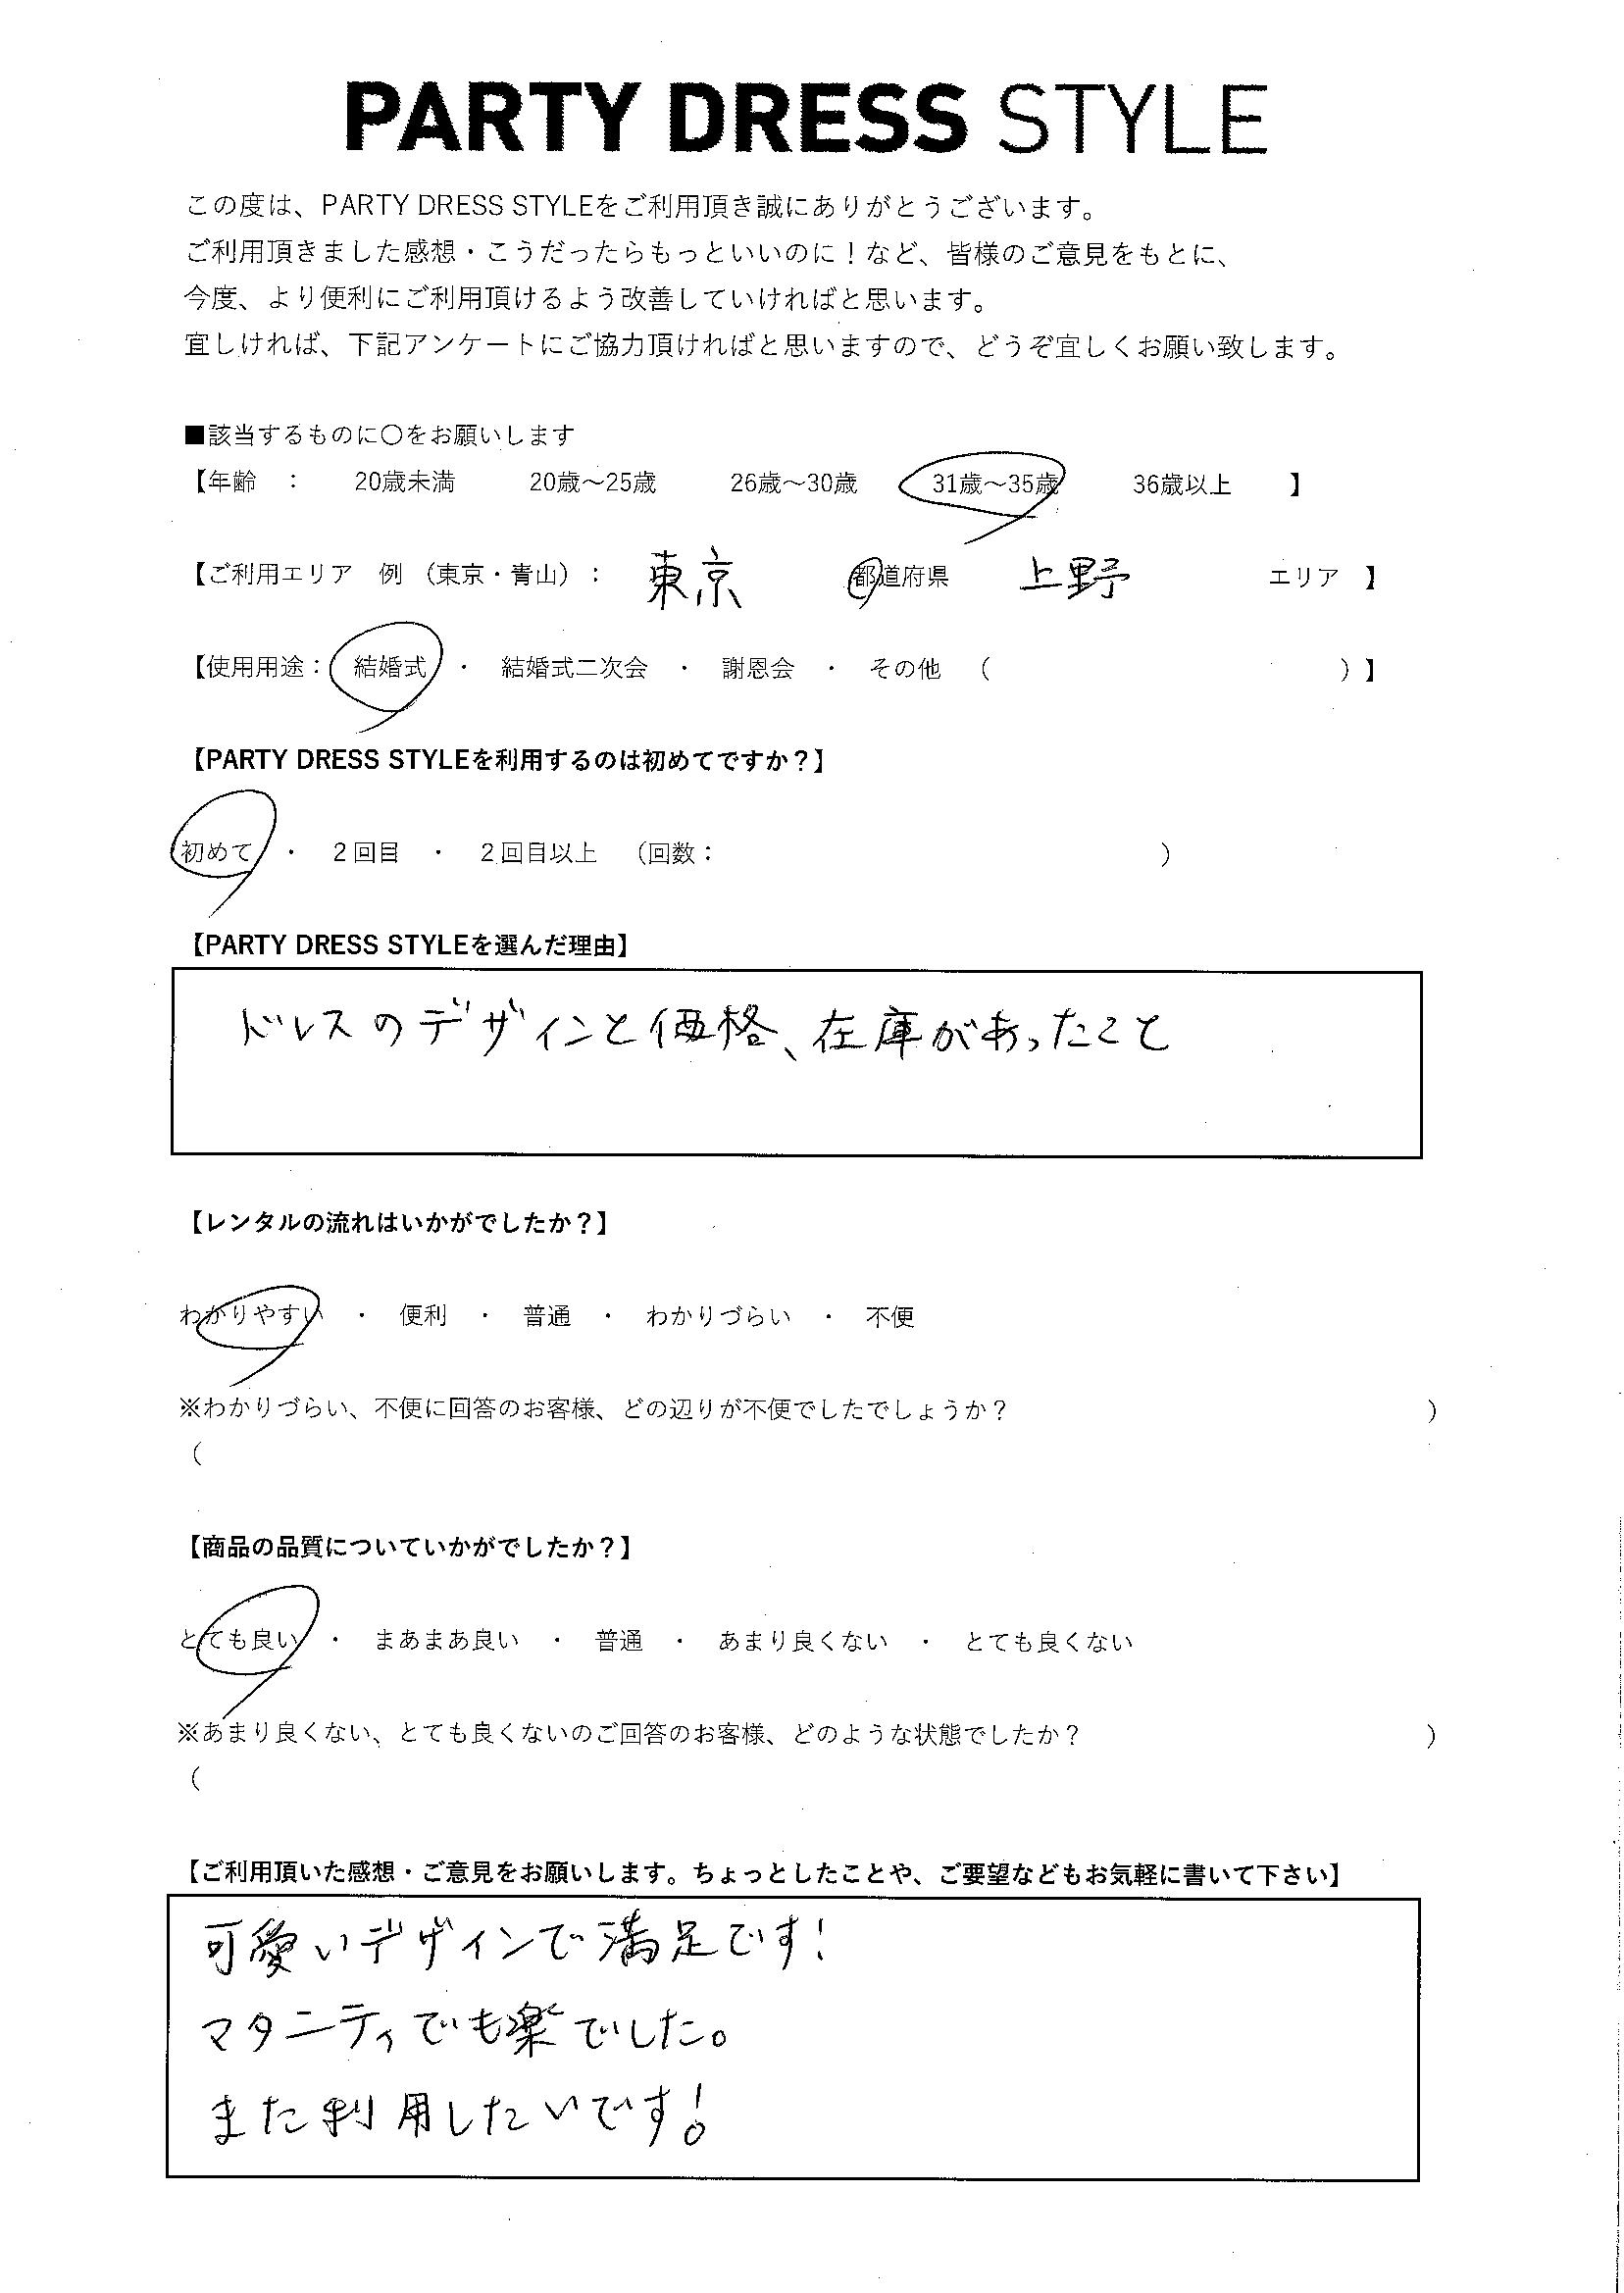 7/7結婚式 東京都・上野エリア